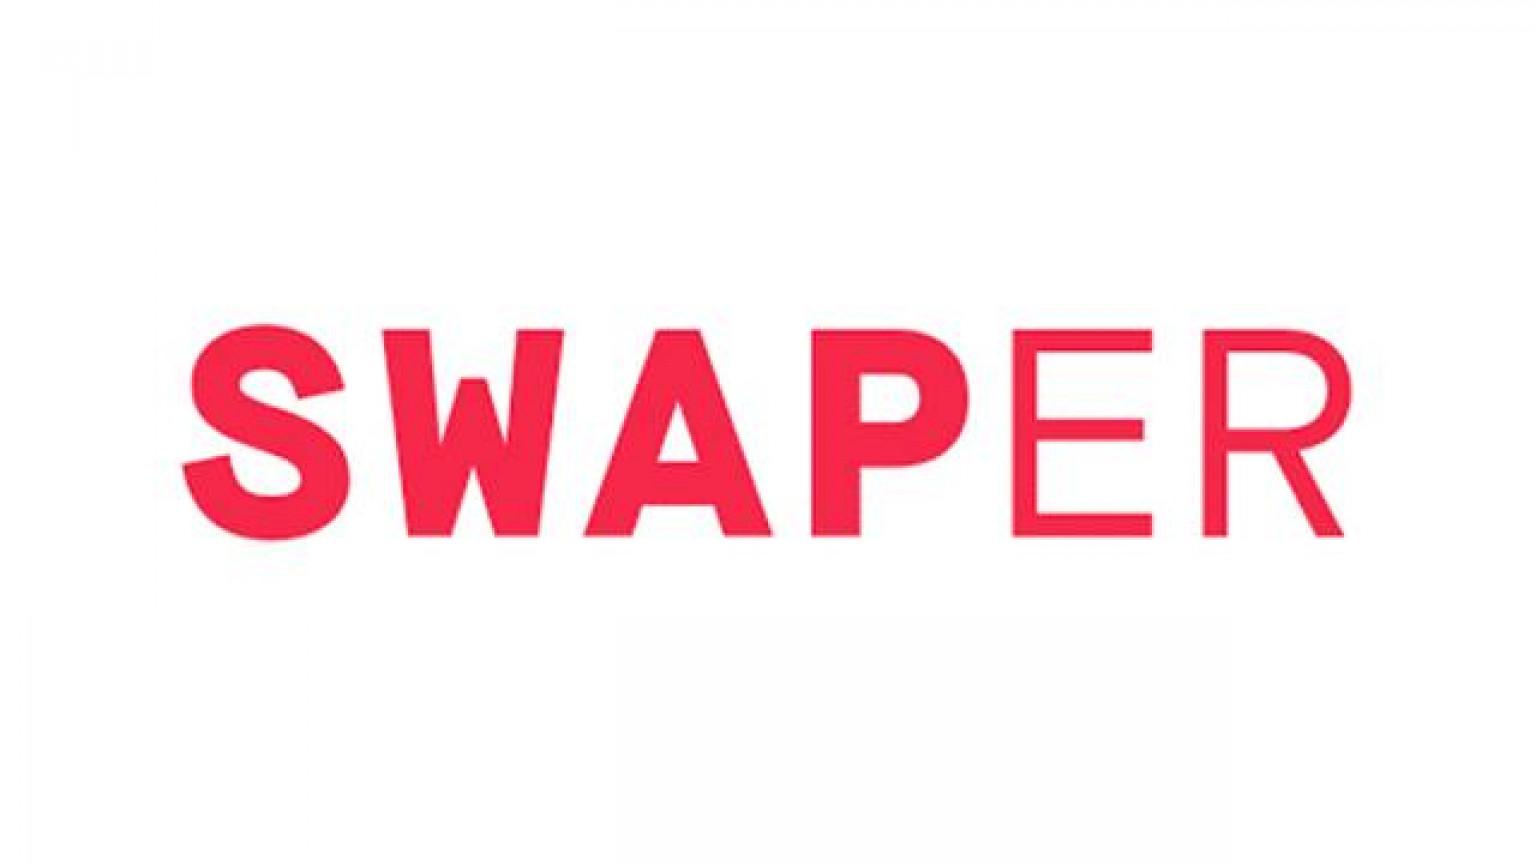 Logo Symbol of Peer-to-Peer lender Swaper